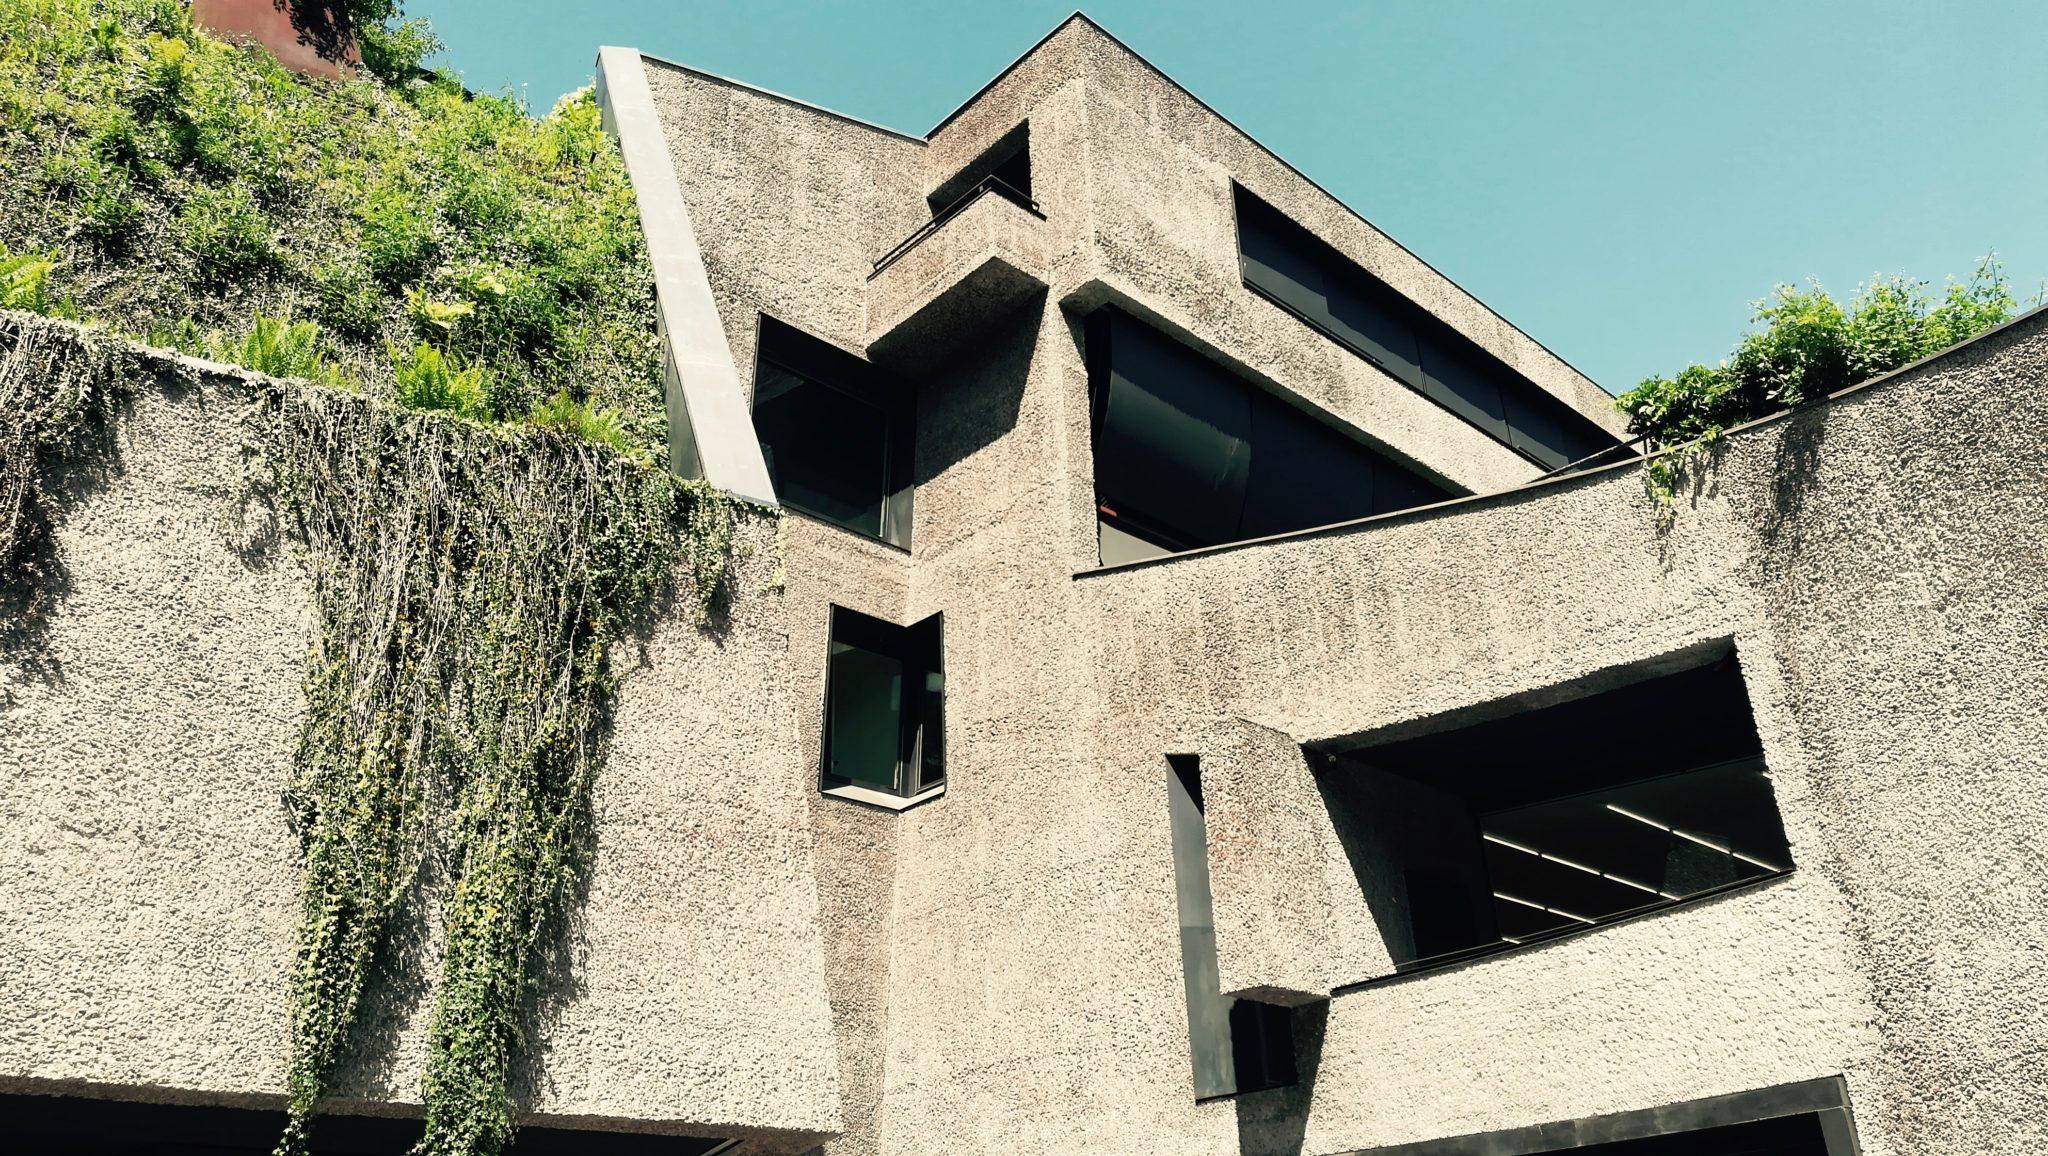 Un vascello nel ventre della montagna, immerso fra vigneti: è la Fondazione Antonio Dalle Nogare, fra arte contemporanea e architettura